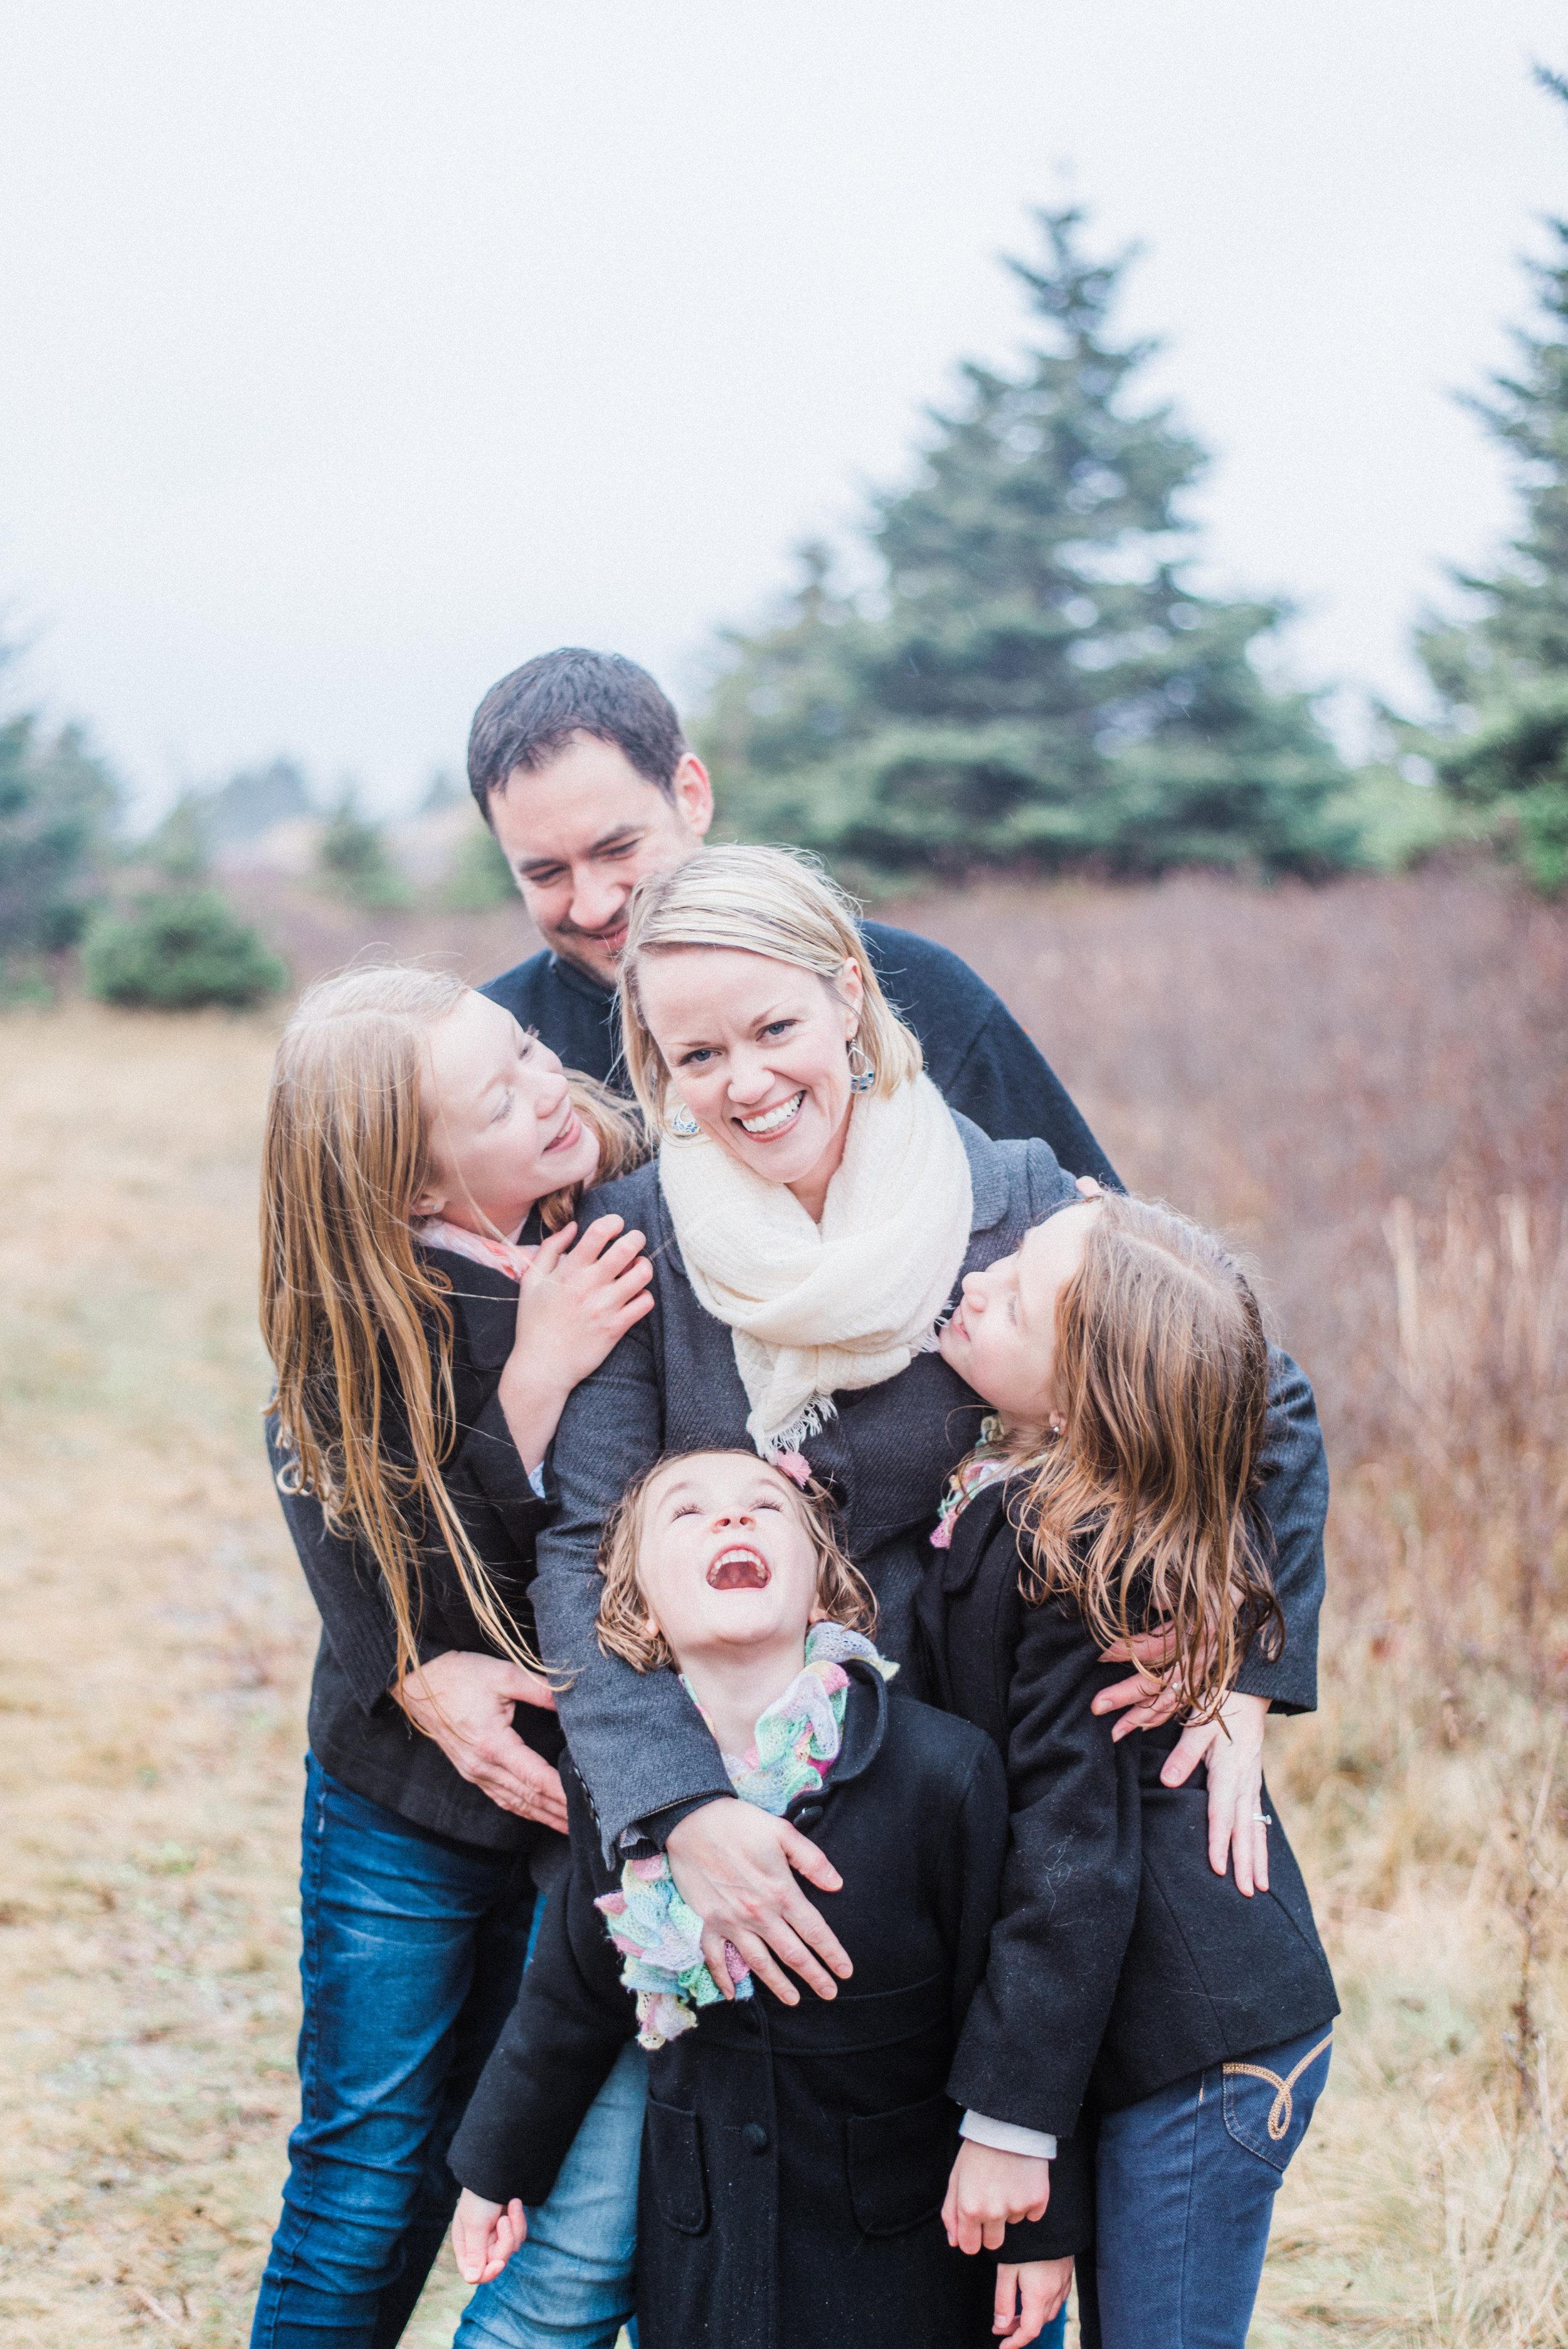 The_Bains_Family (35 of 41).jpg